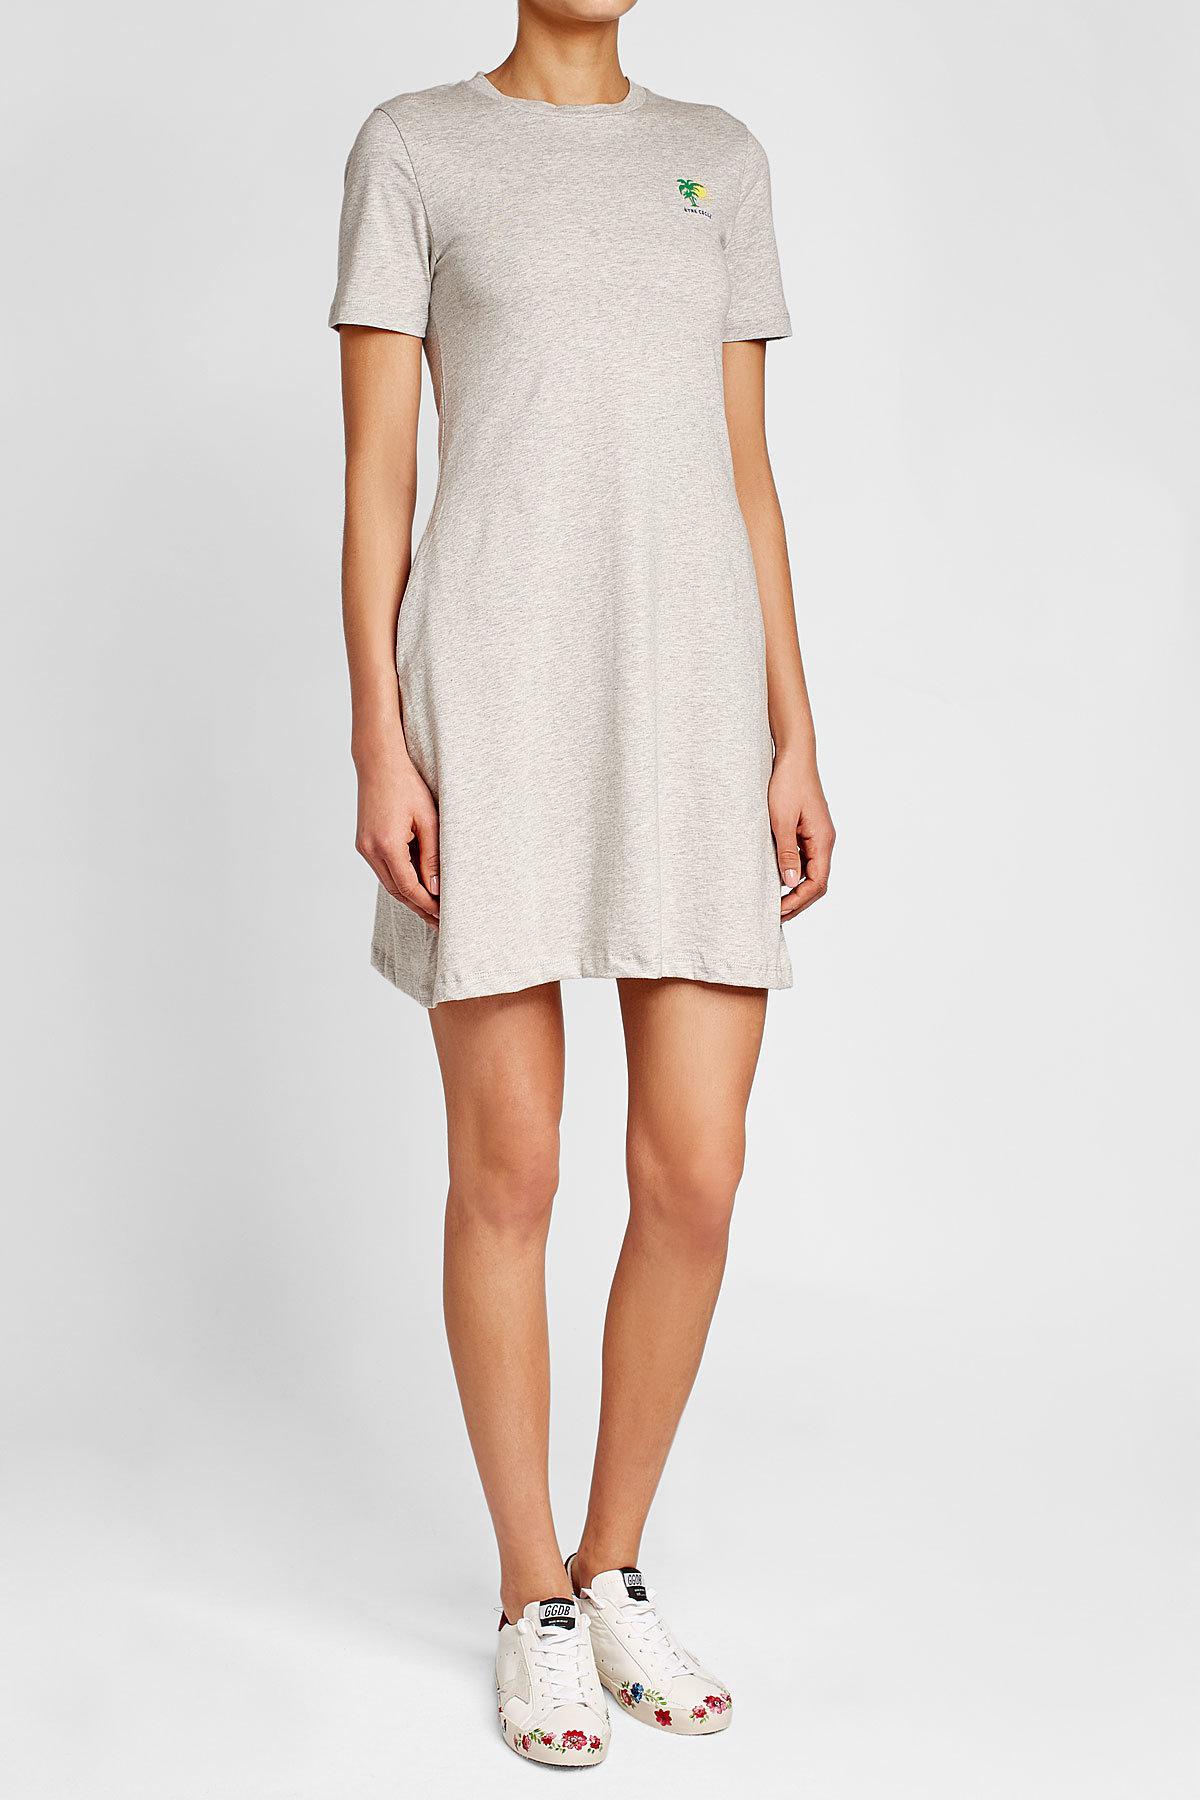 Être cécile Cotton T-shirt Dress in White | Lyst